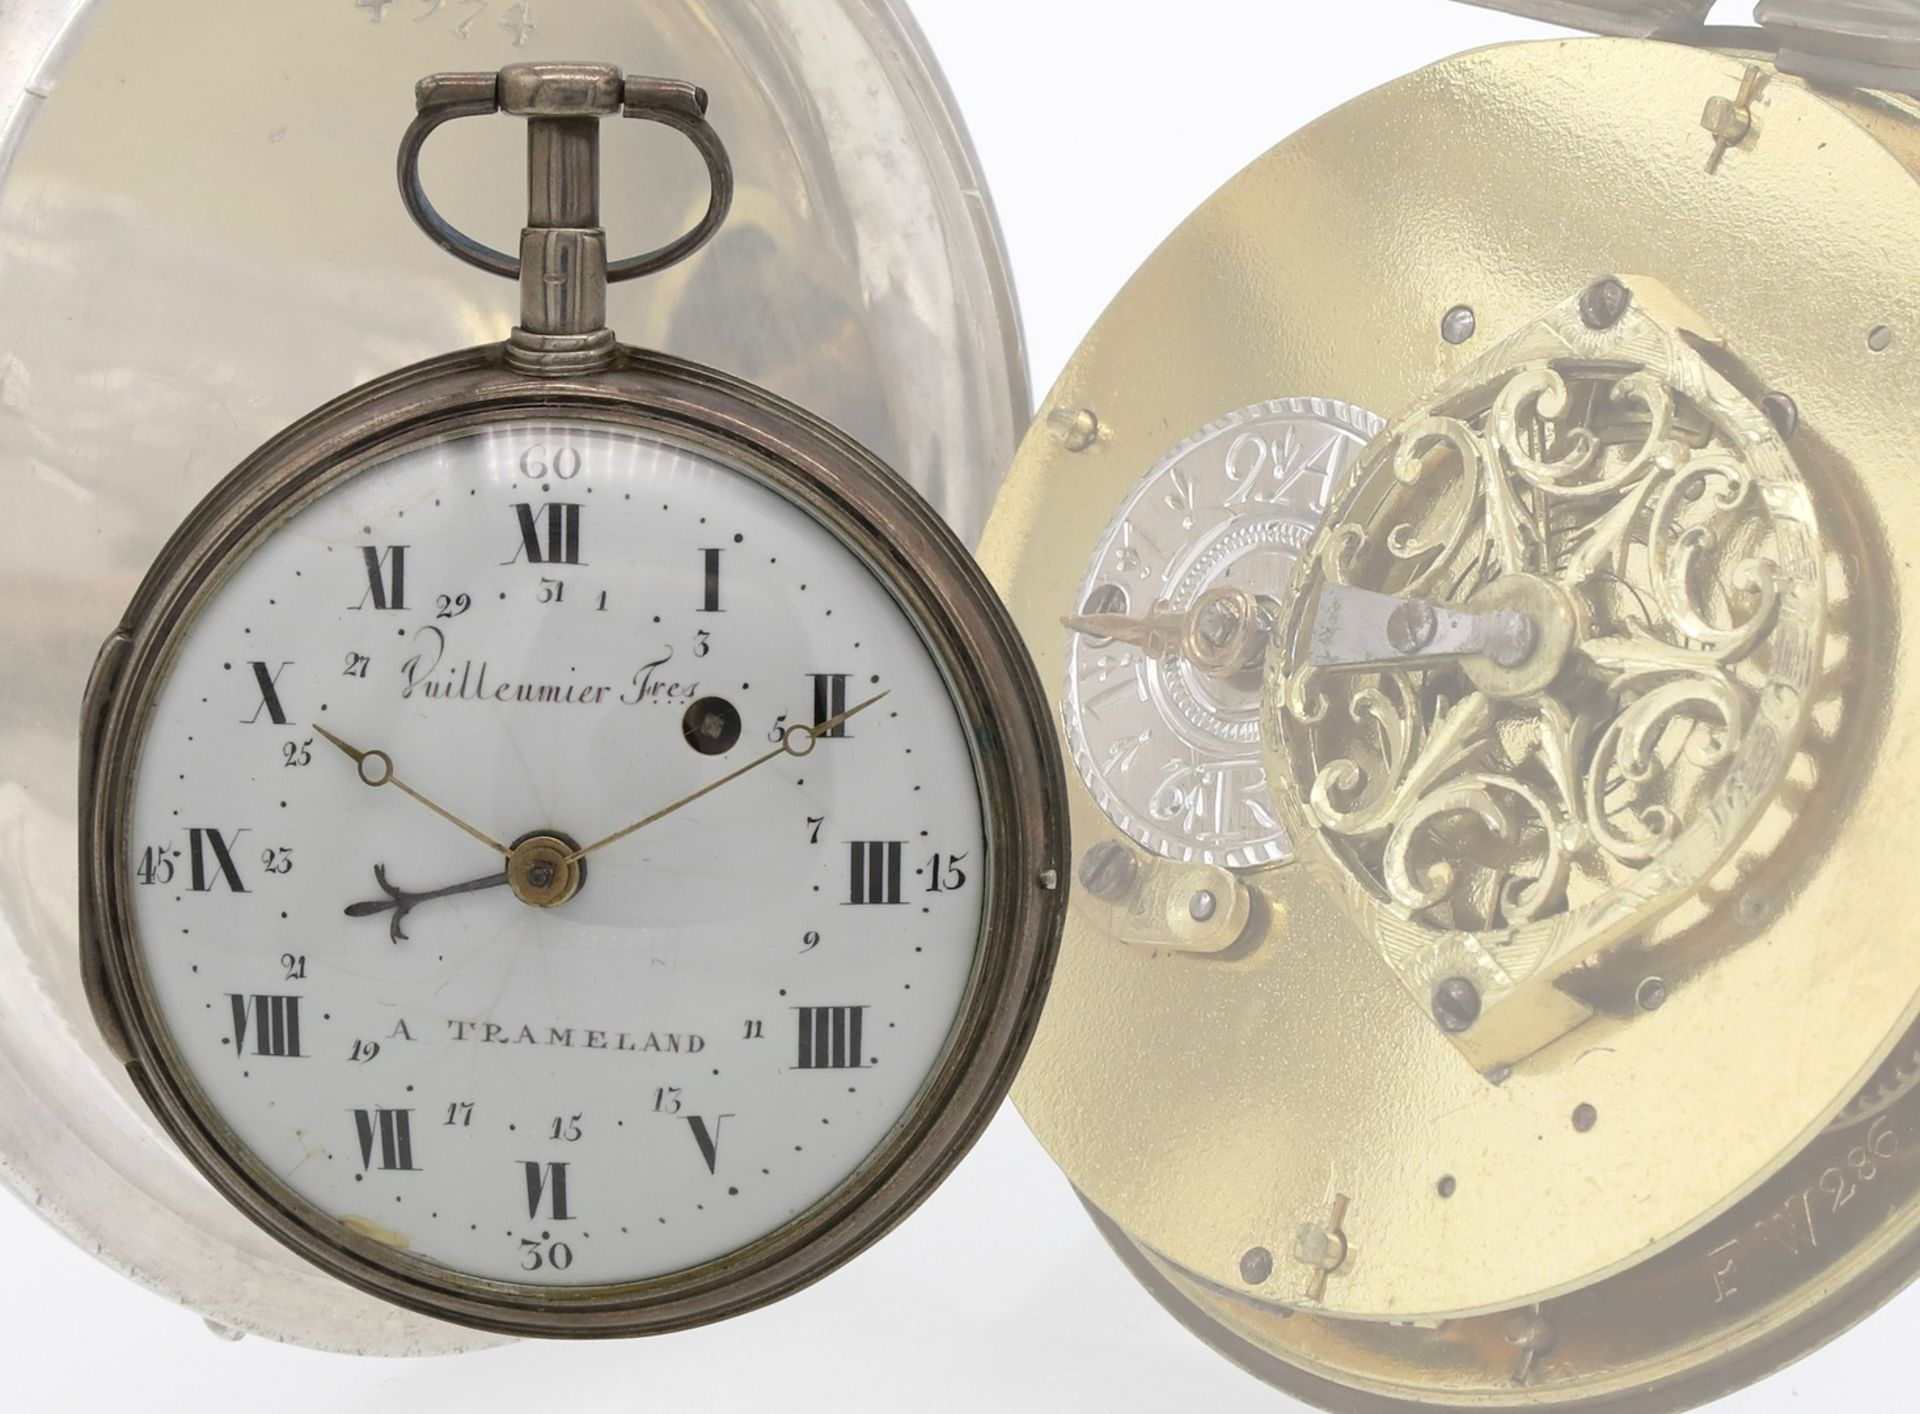 Vuilleumier Fres silberne Spindeltaschenuhr mit Datumsanzeige, um 1830